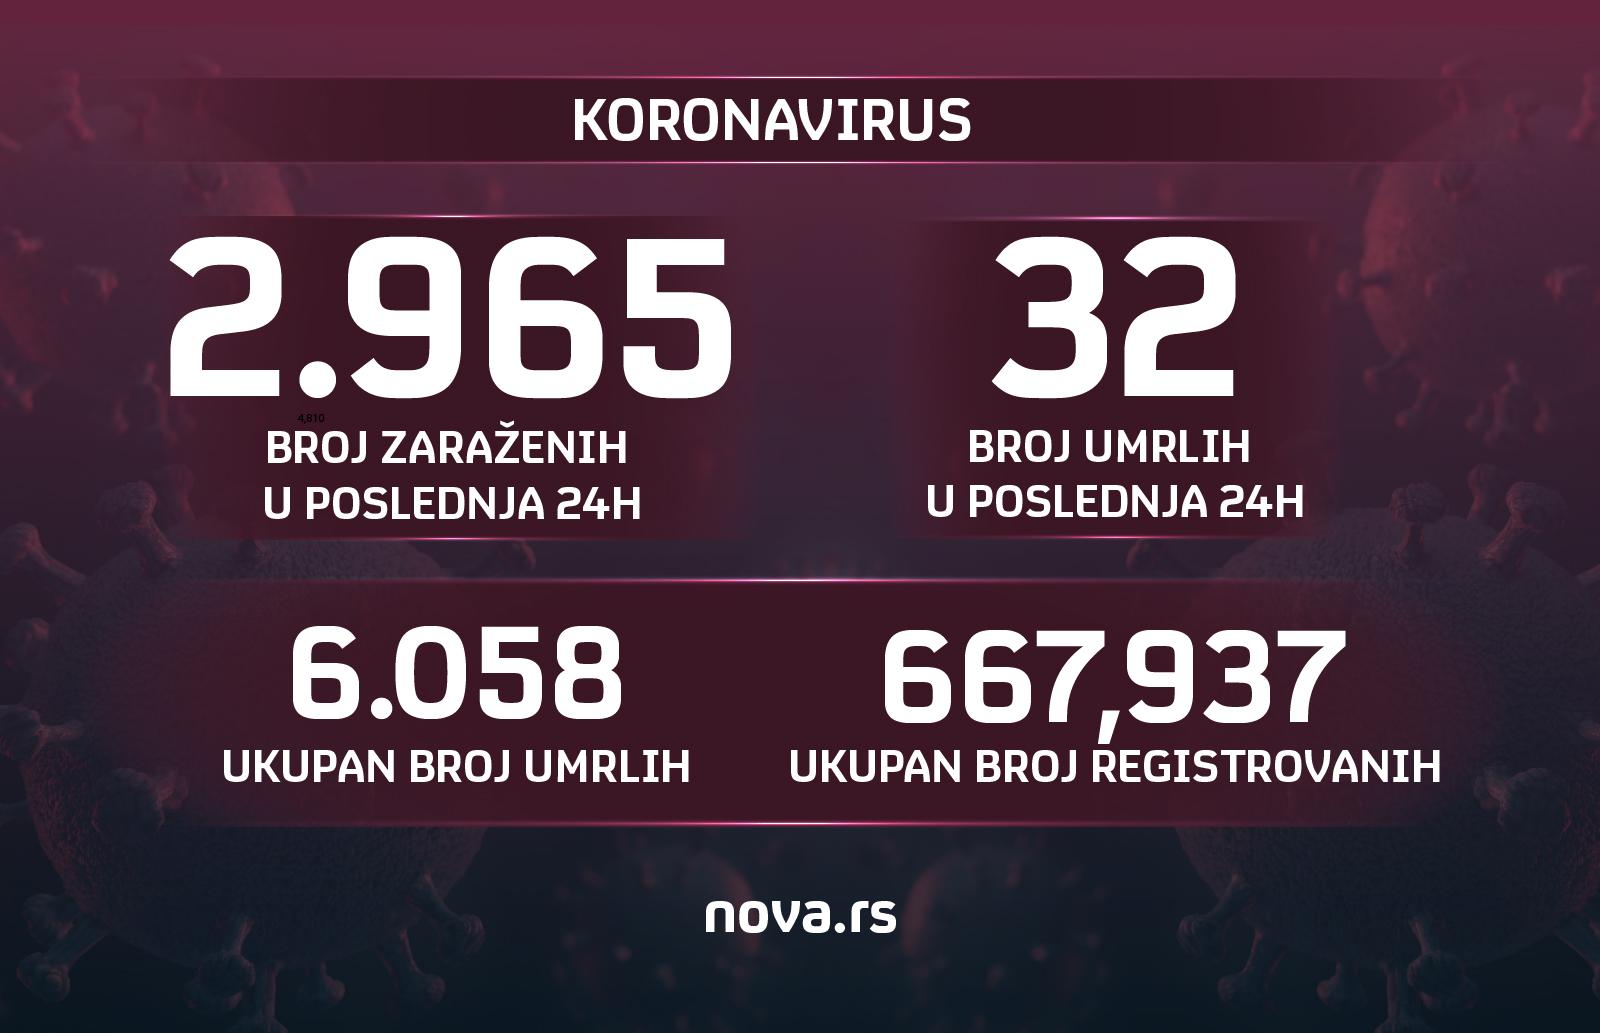 20.04.2021. Koronavirus, brojke, broj umrlih, broj zaraženih